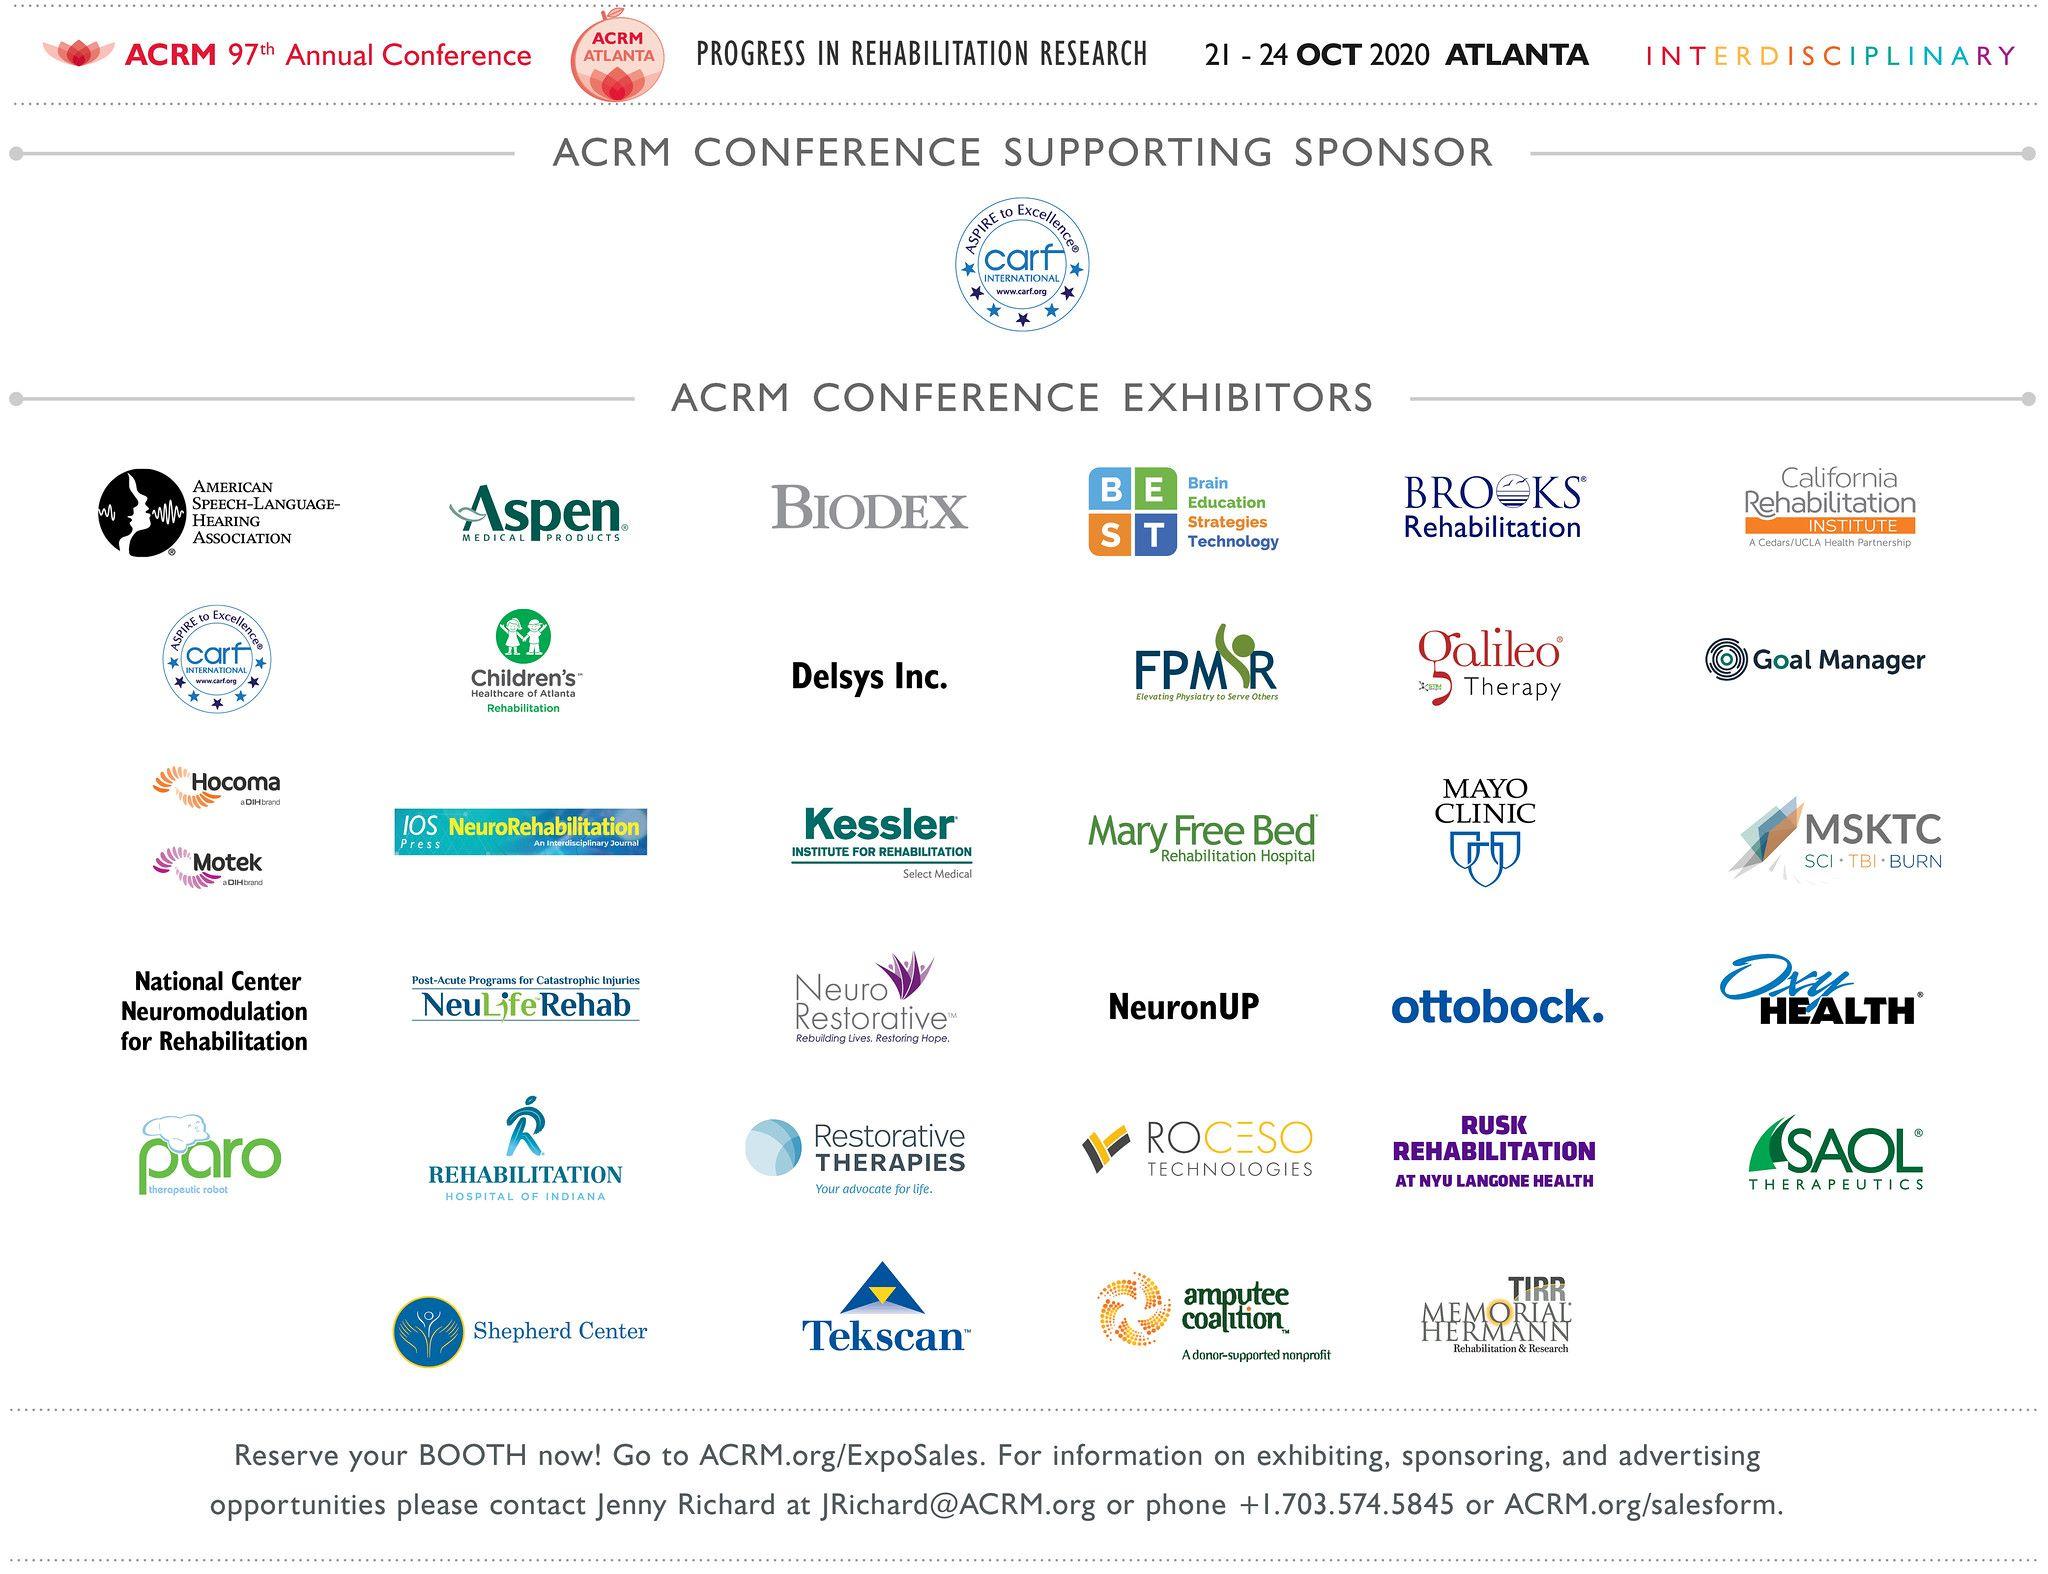 ACRM 2020 Sponsors & Exhibitors image